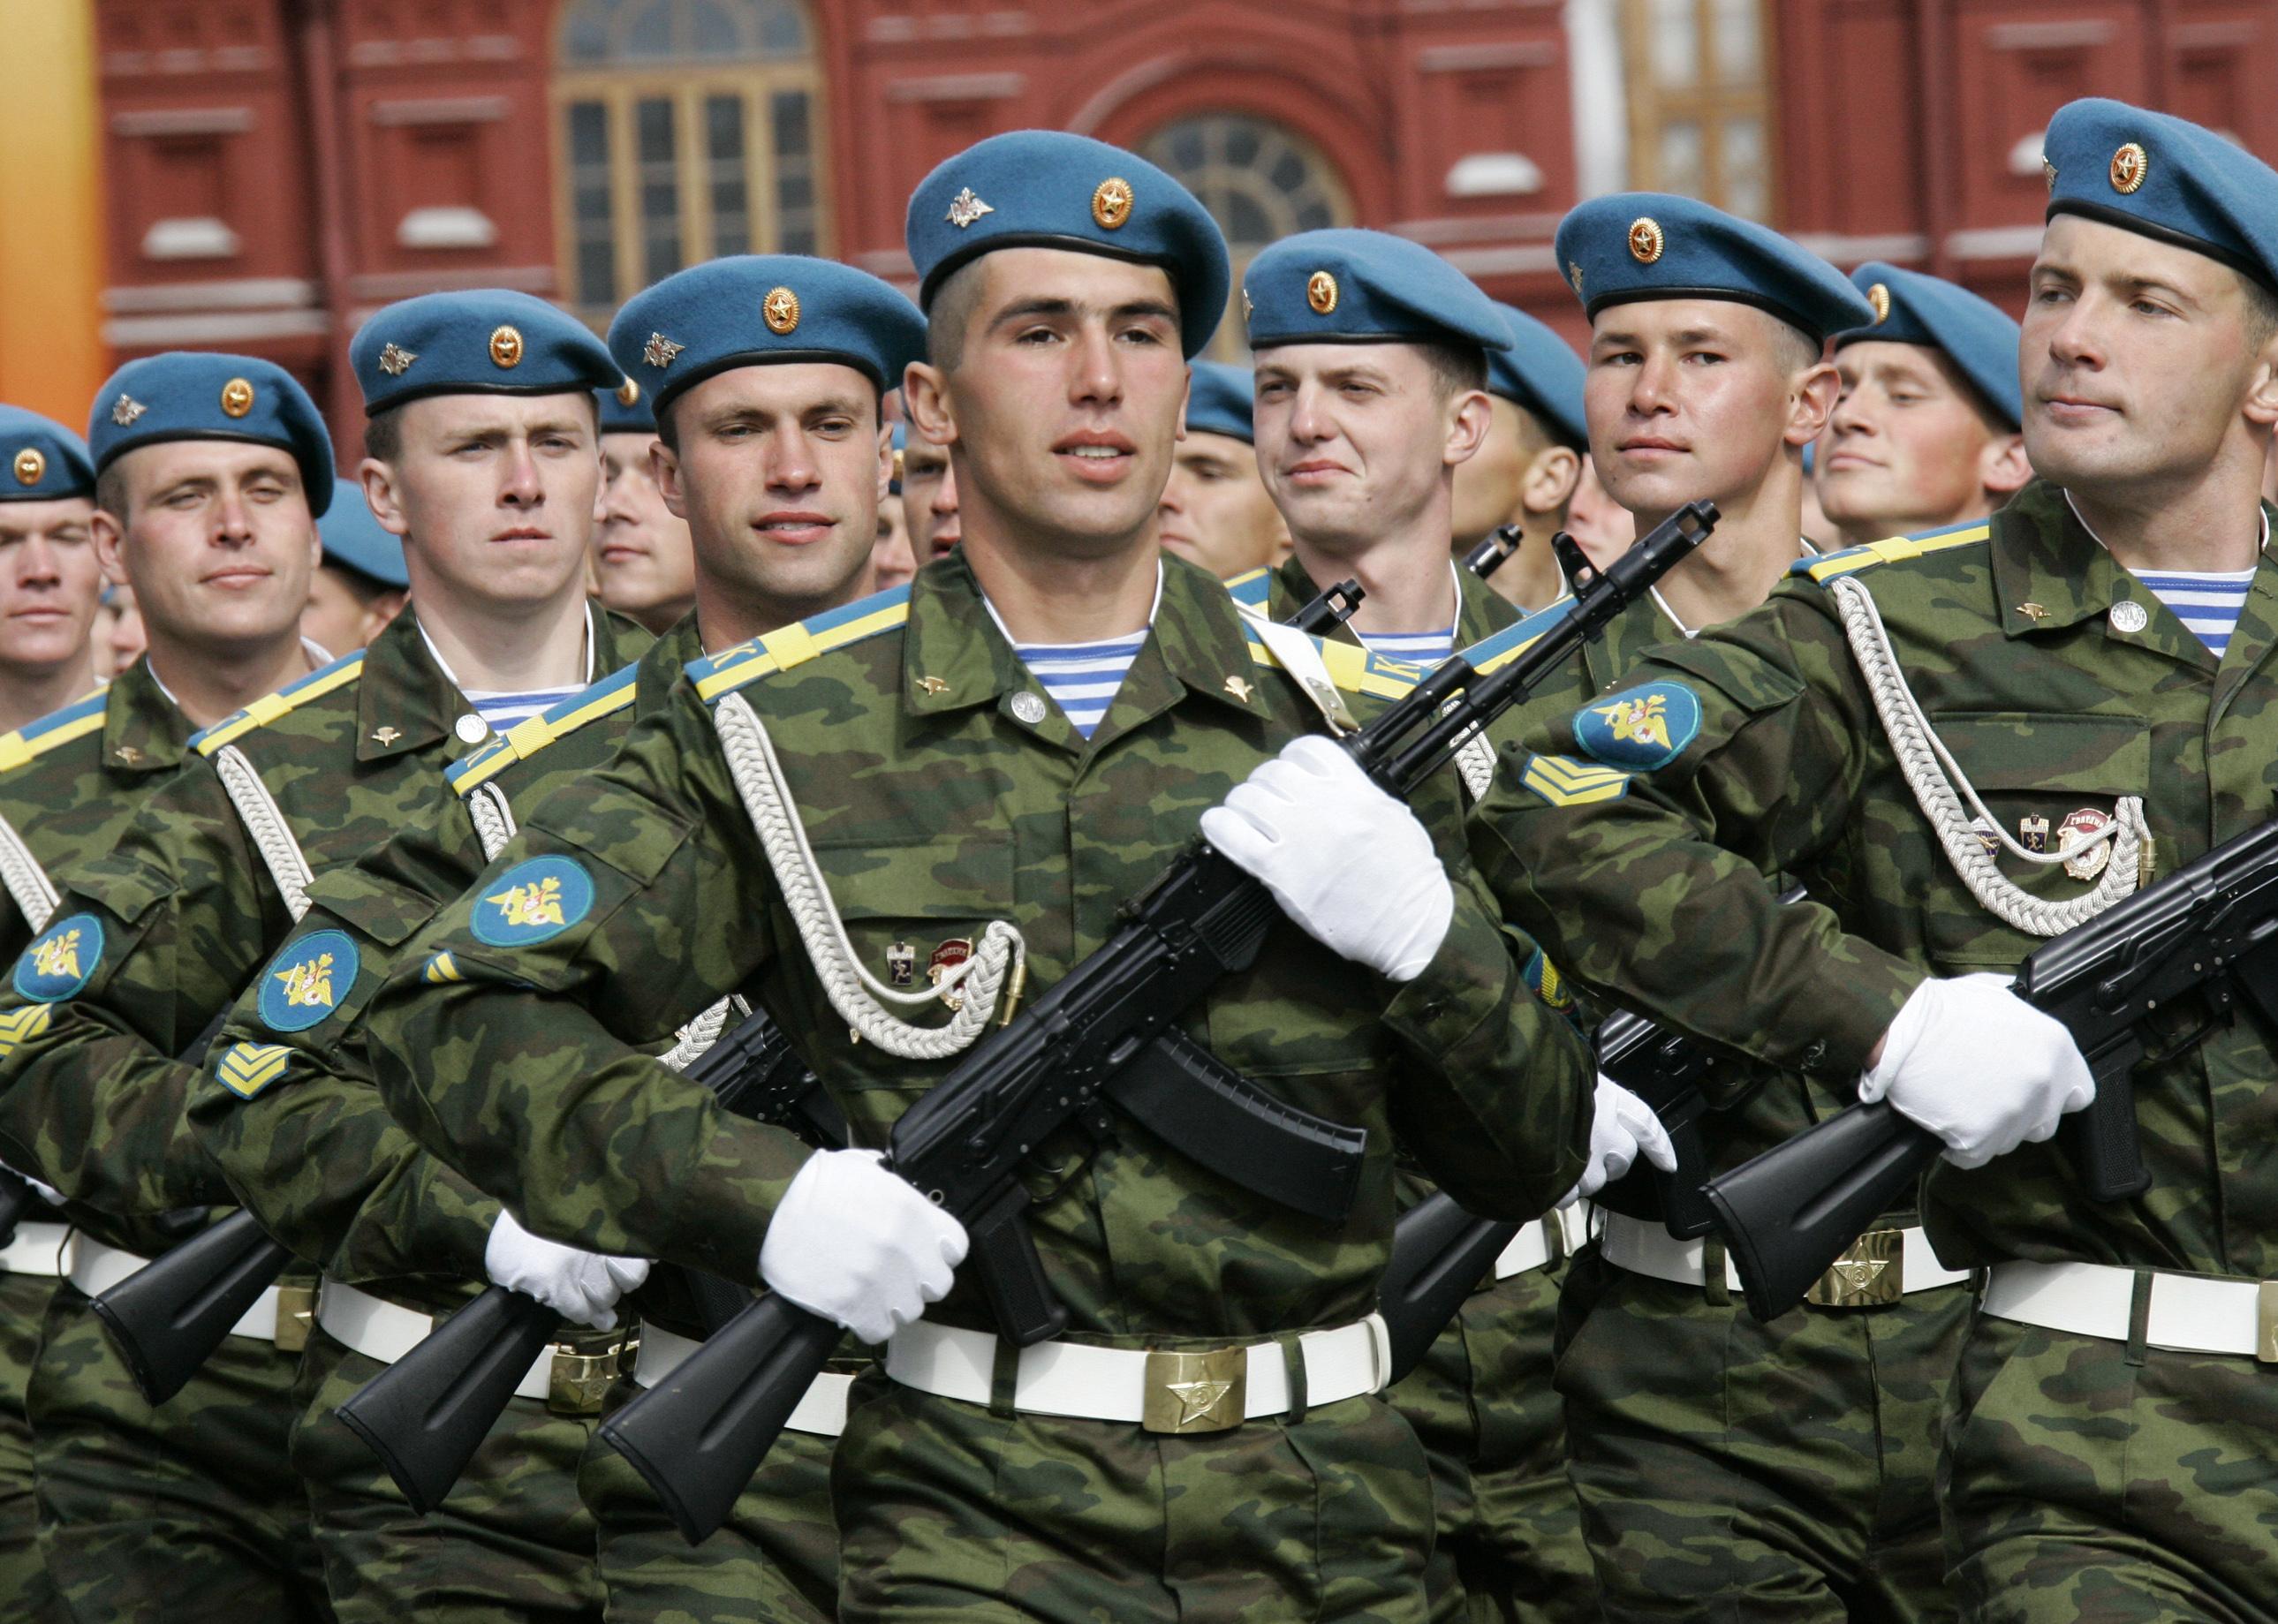 Русский институт в hd 10 фотография